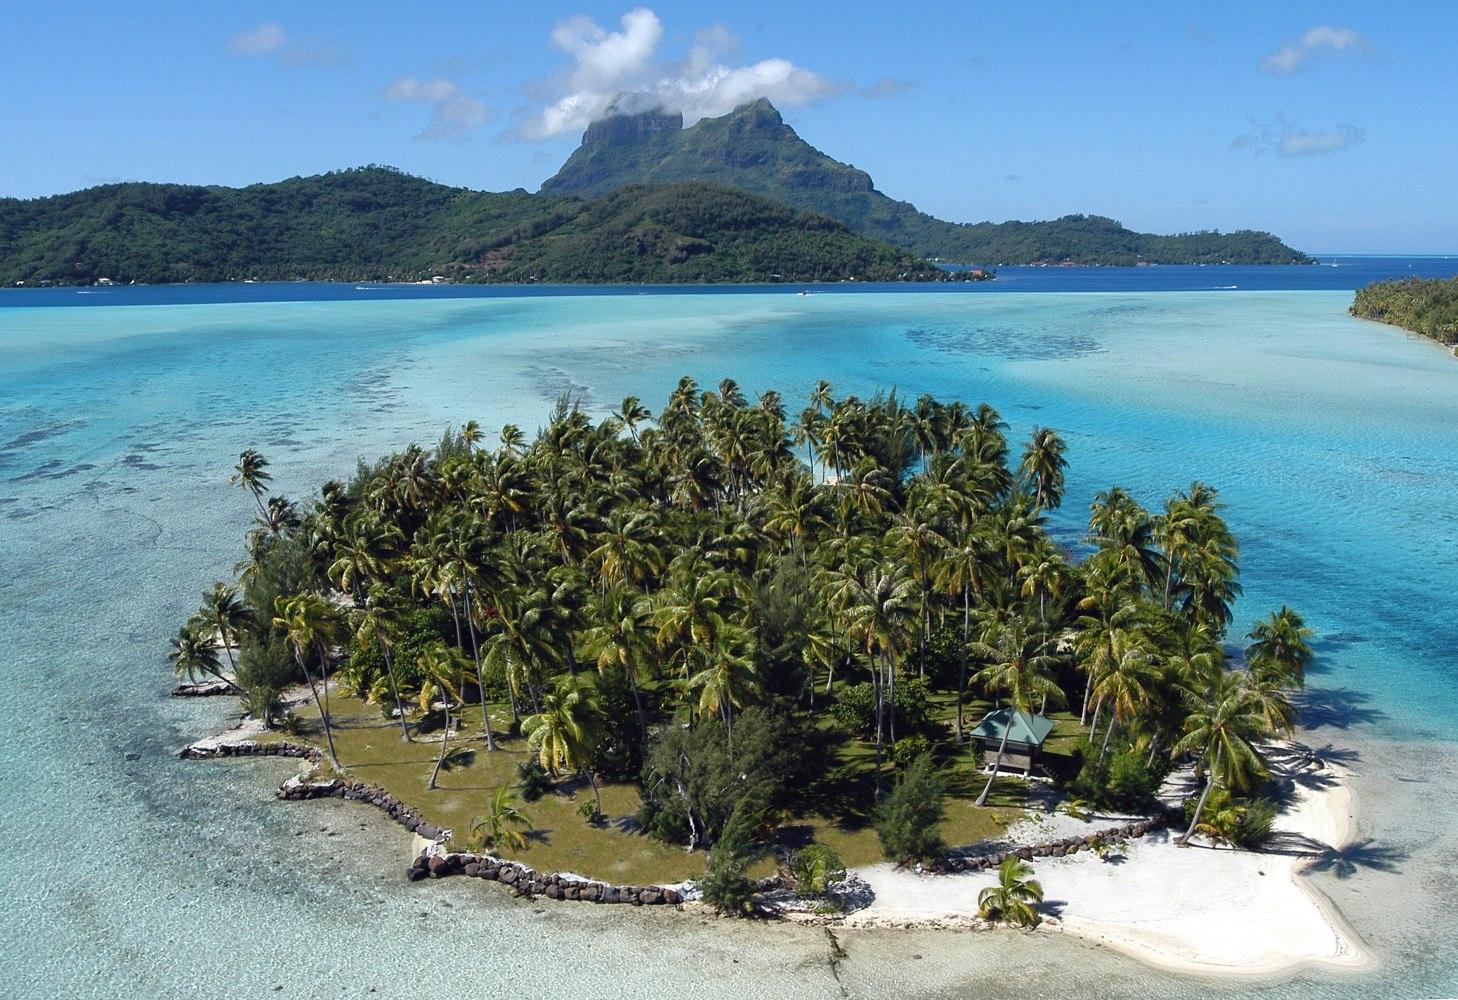 Kaufinseln - Haapiti Rahi - Französisch Polynesien - Pazifischer Ozean